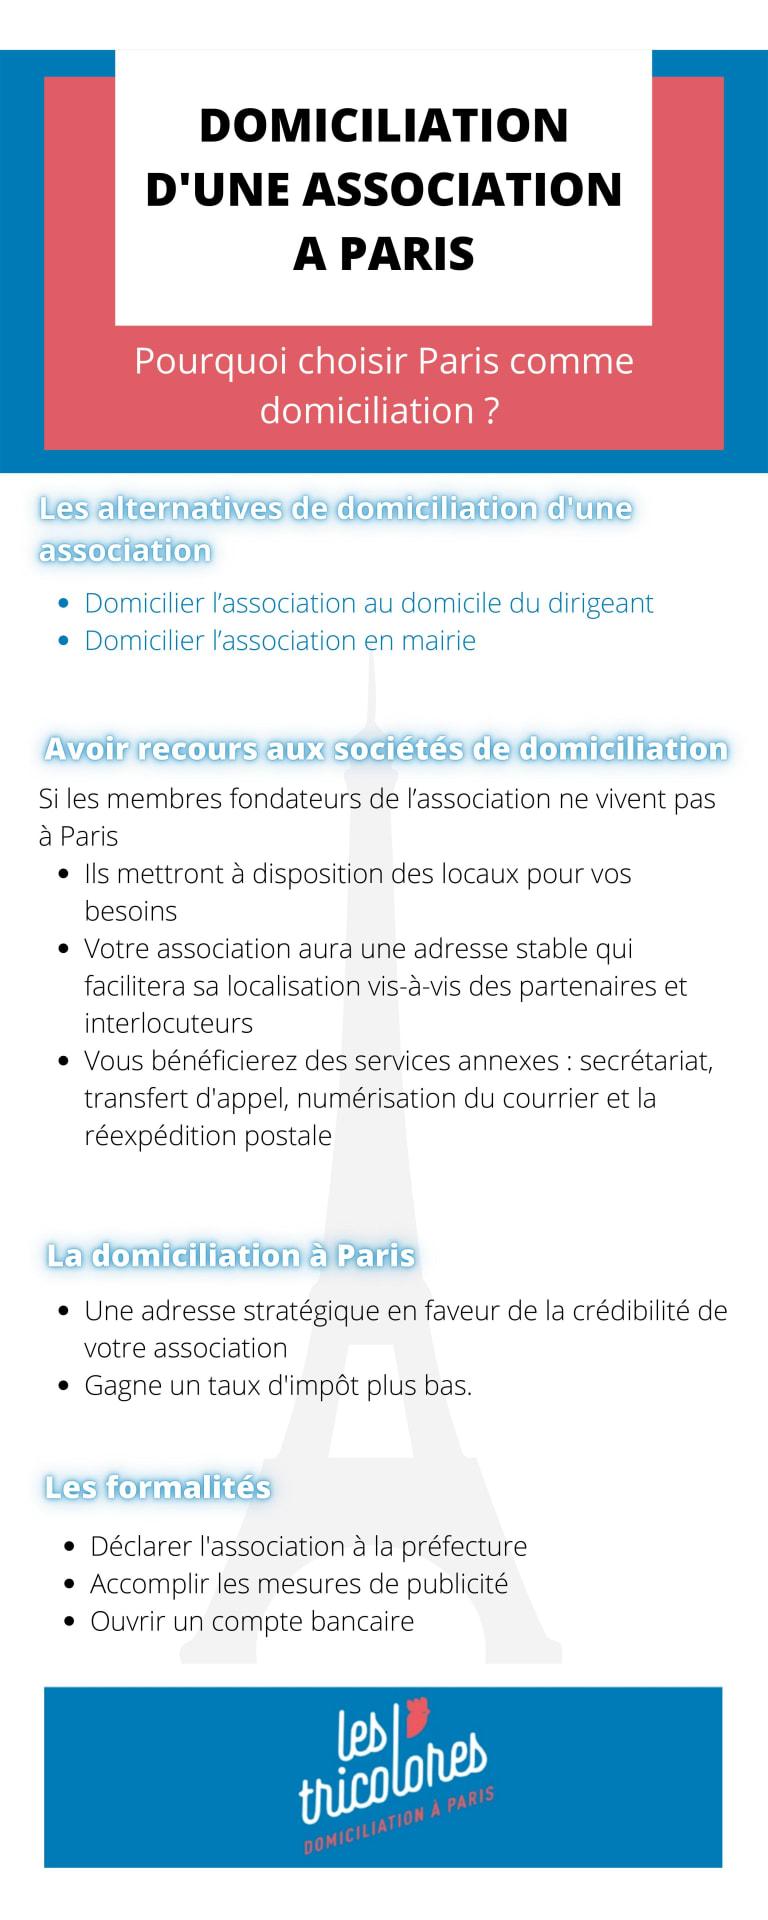 domiciliation association à Paris